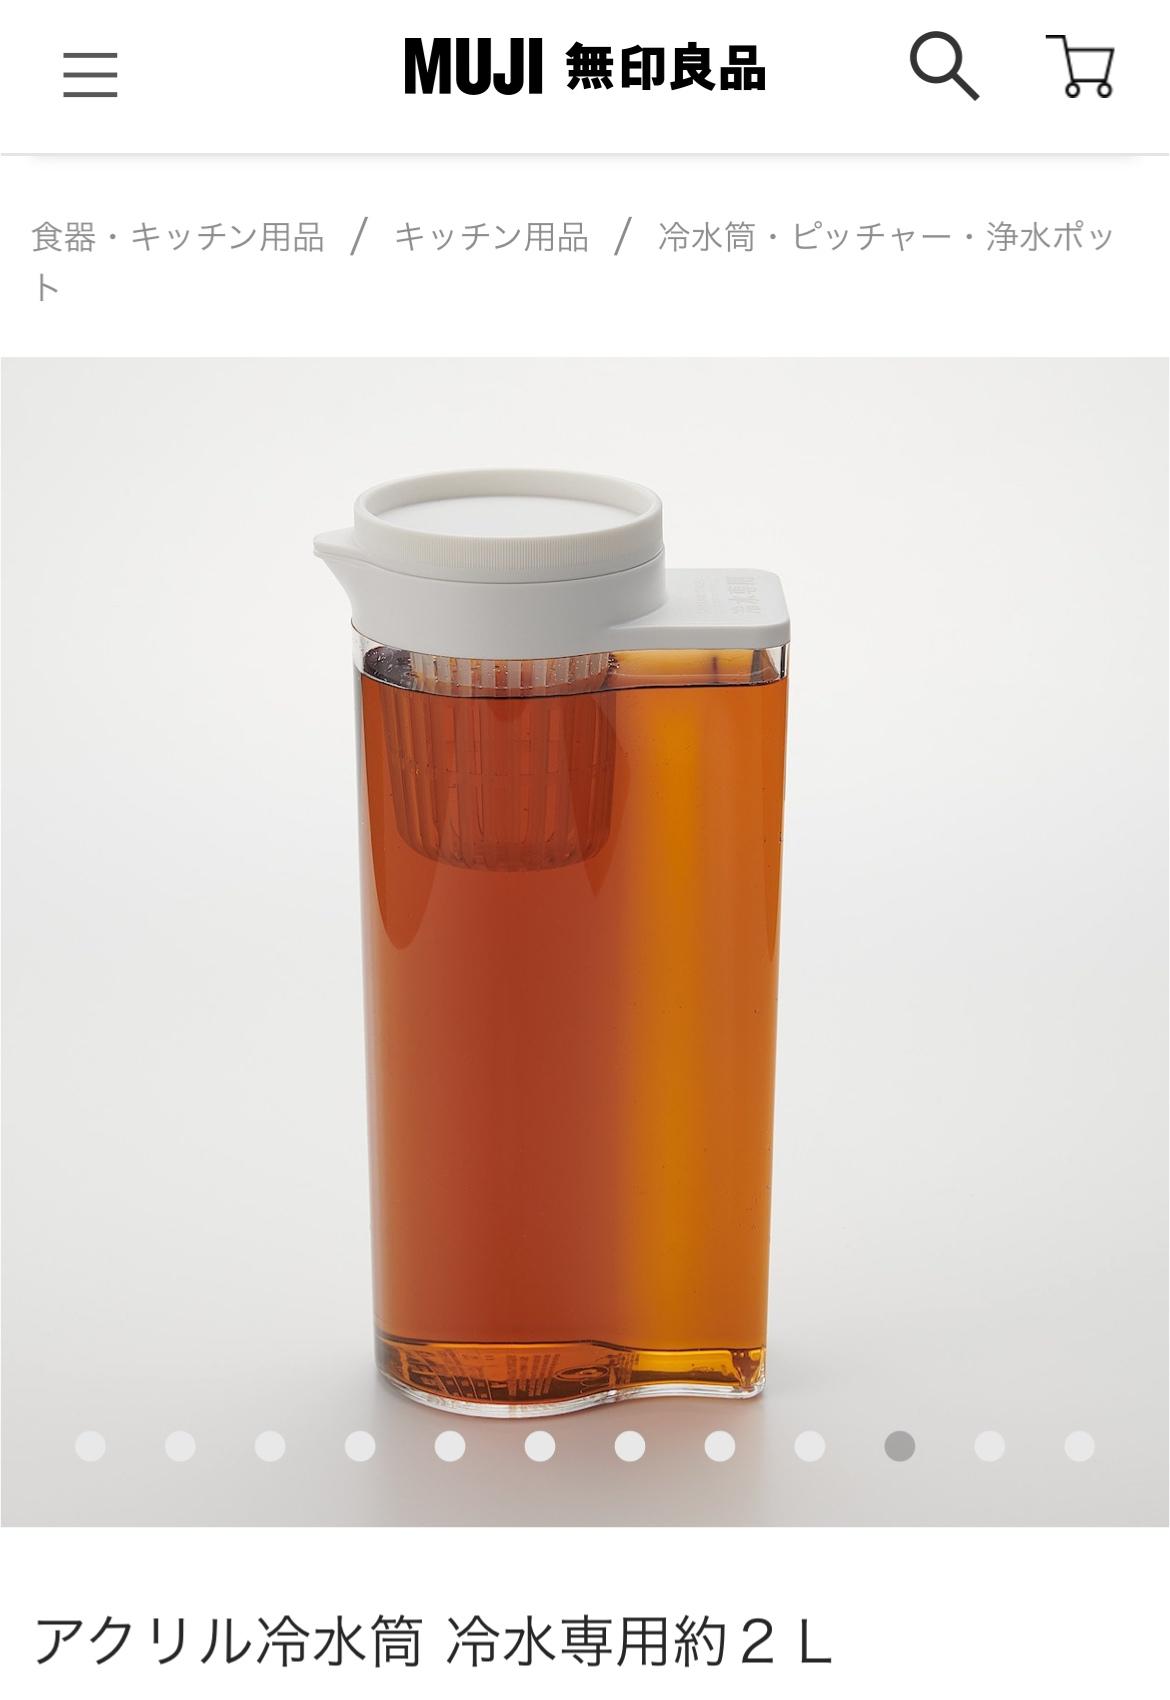 無印良品(MUJI) アクリル冷水筒 冷水専用約2L 44220931の良い点・メリットに関するcocoさんの口コミ画像1